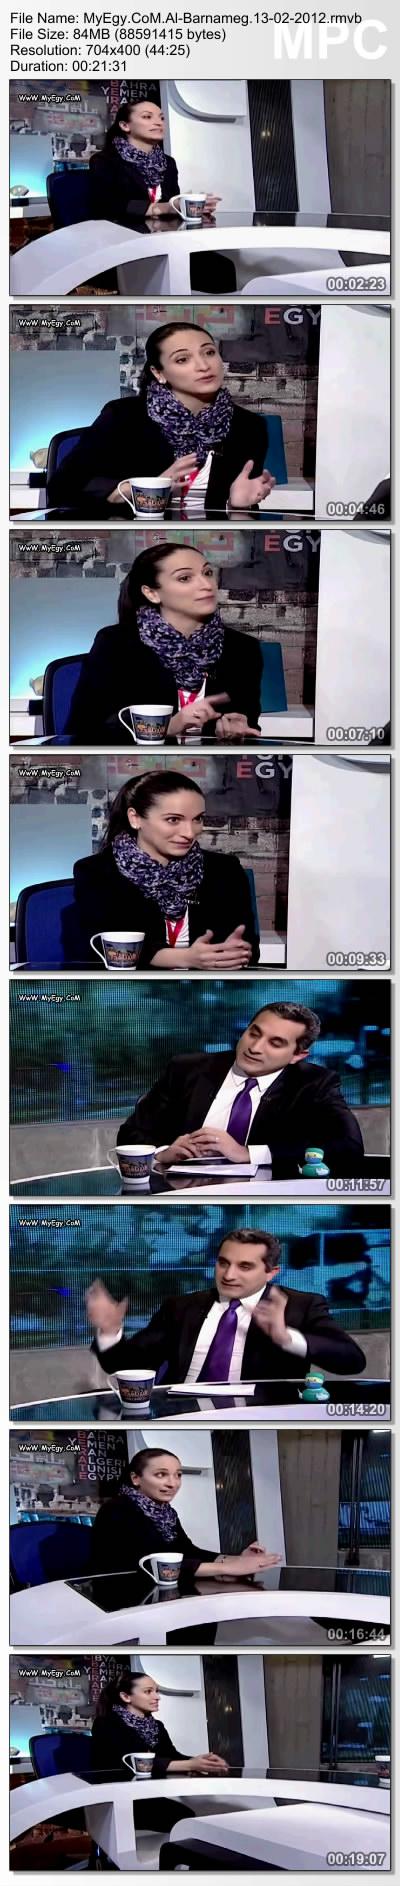 """حصريا البرنامج السياسي الساخر """" البرنامج """" وحلقة خاصة عن احداث بورسعيد علي اكثر من سيرفر  106thumbs20120214003324"""